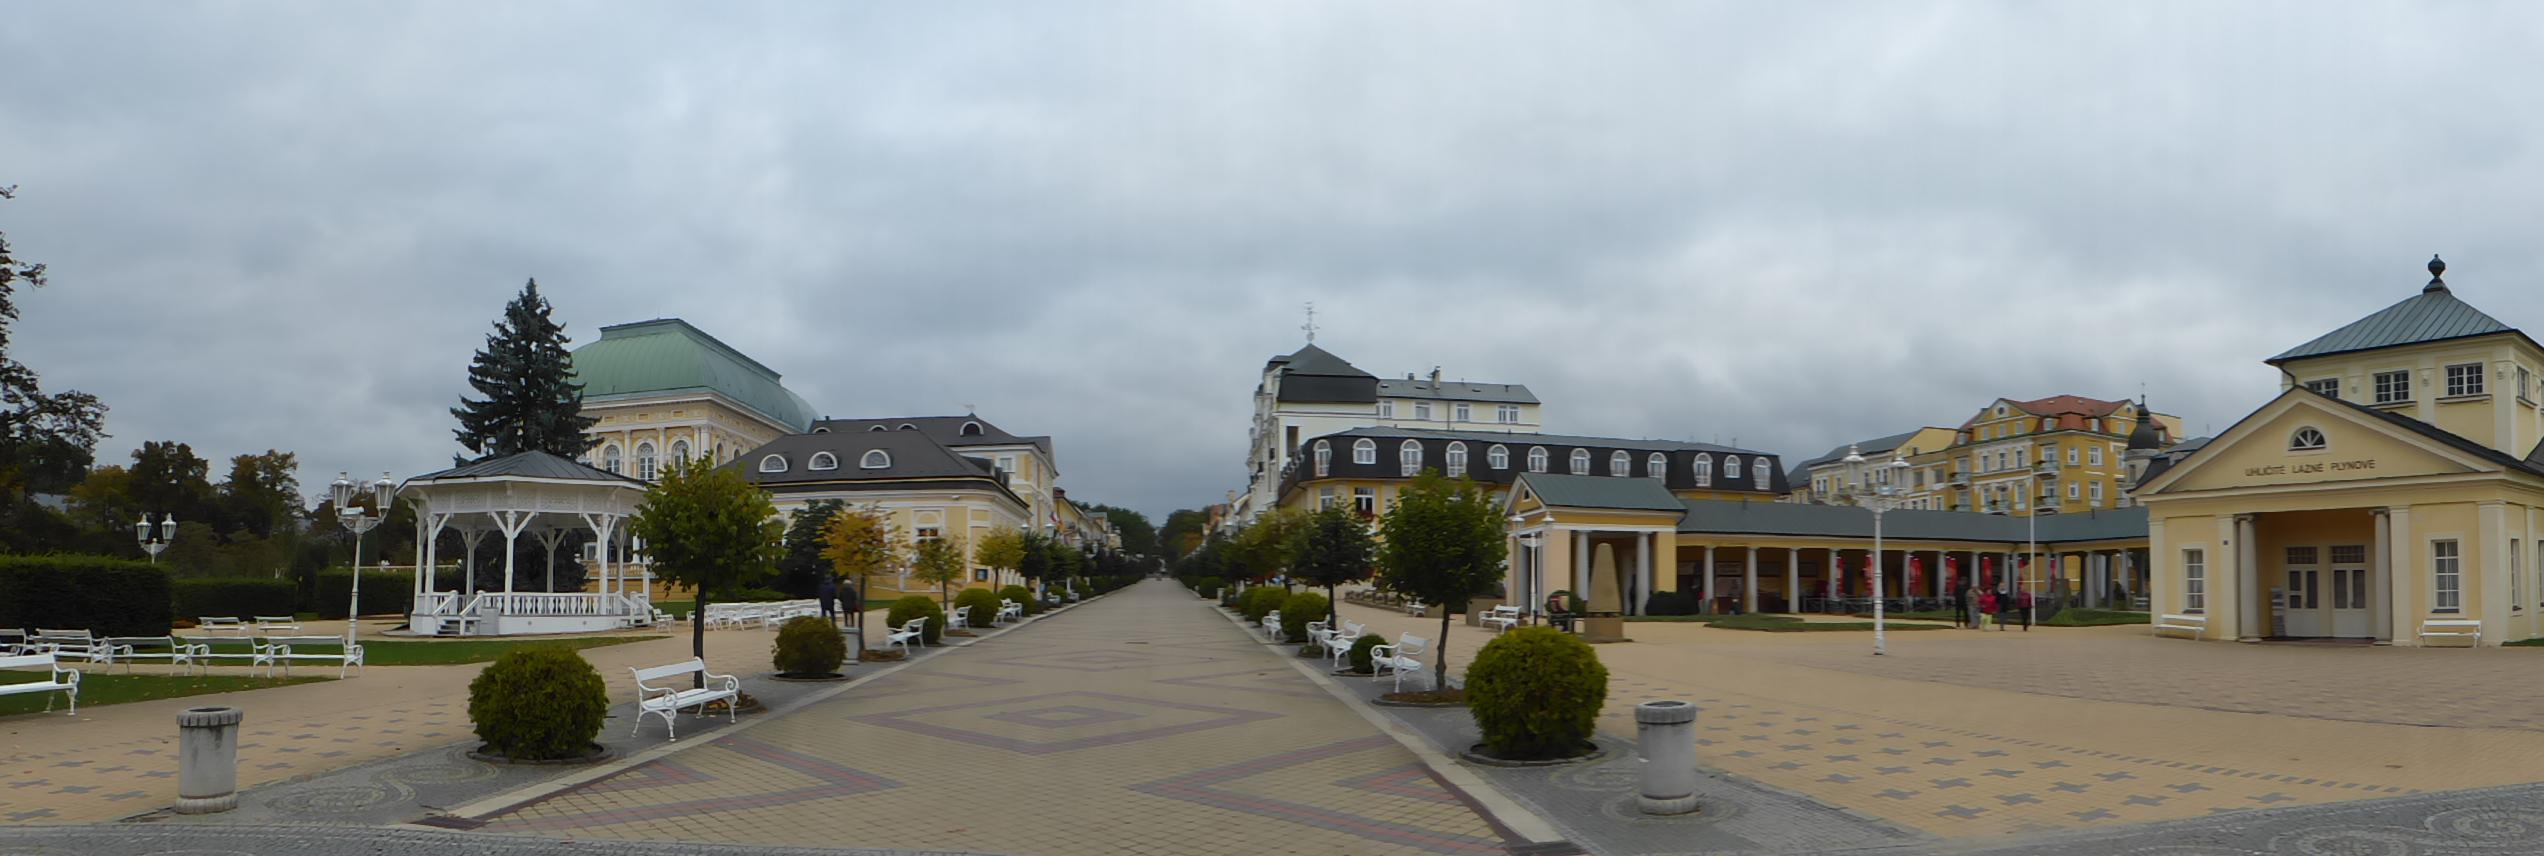 """Der """"Boulevard"""" in Franzensbad, Foto: D.Weirauch"""